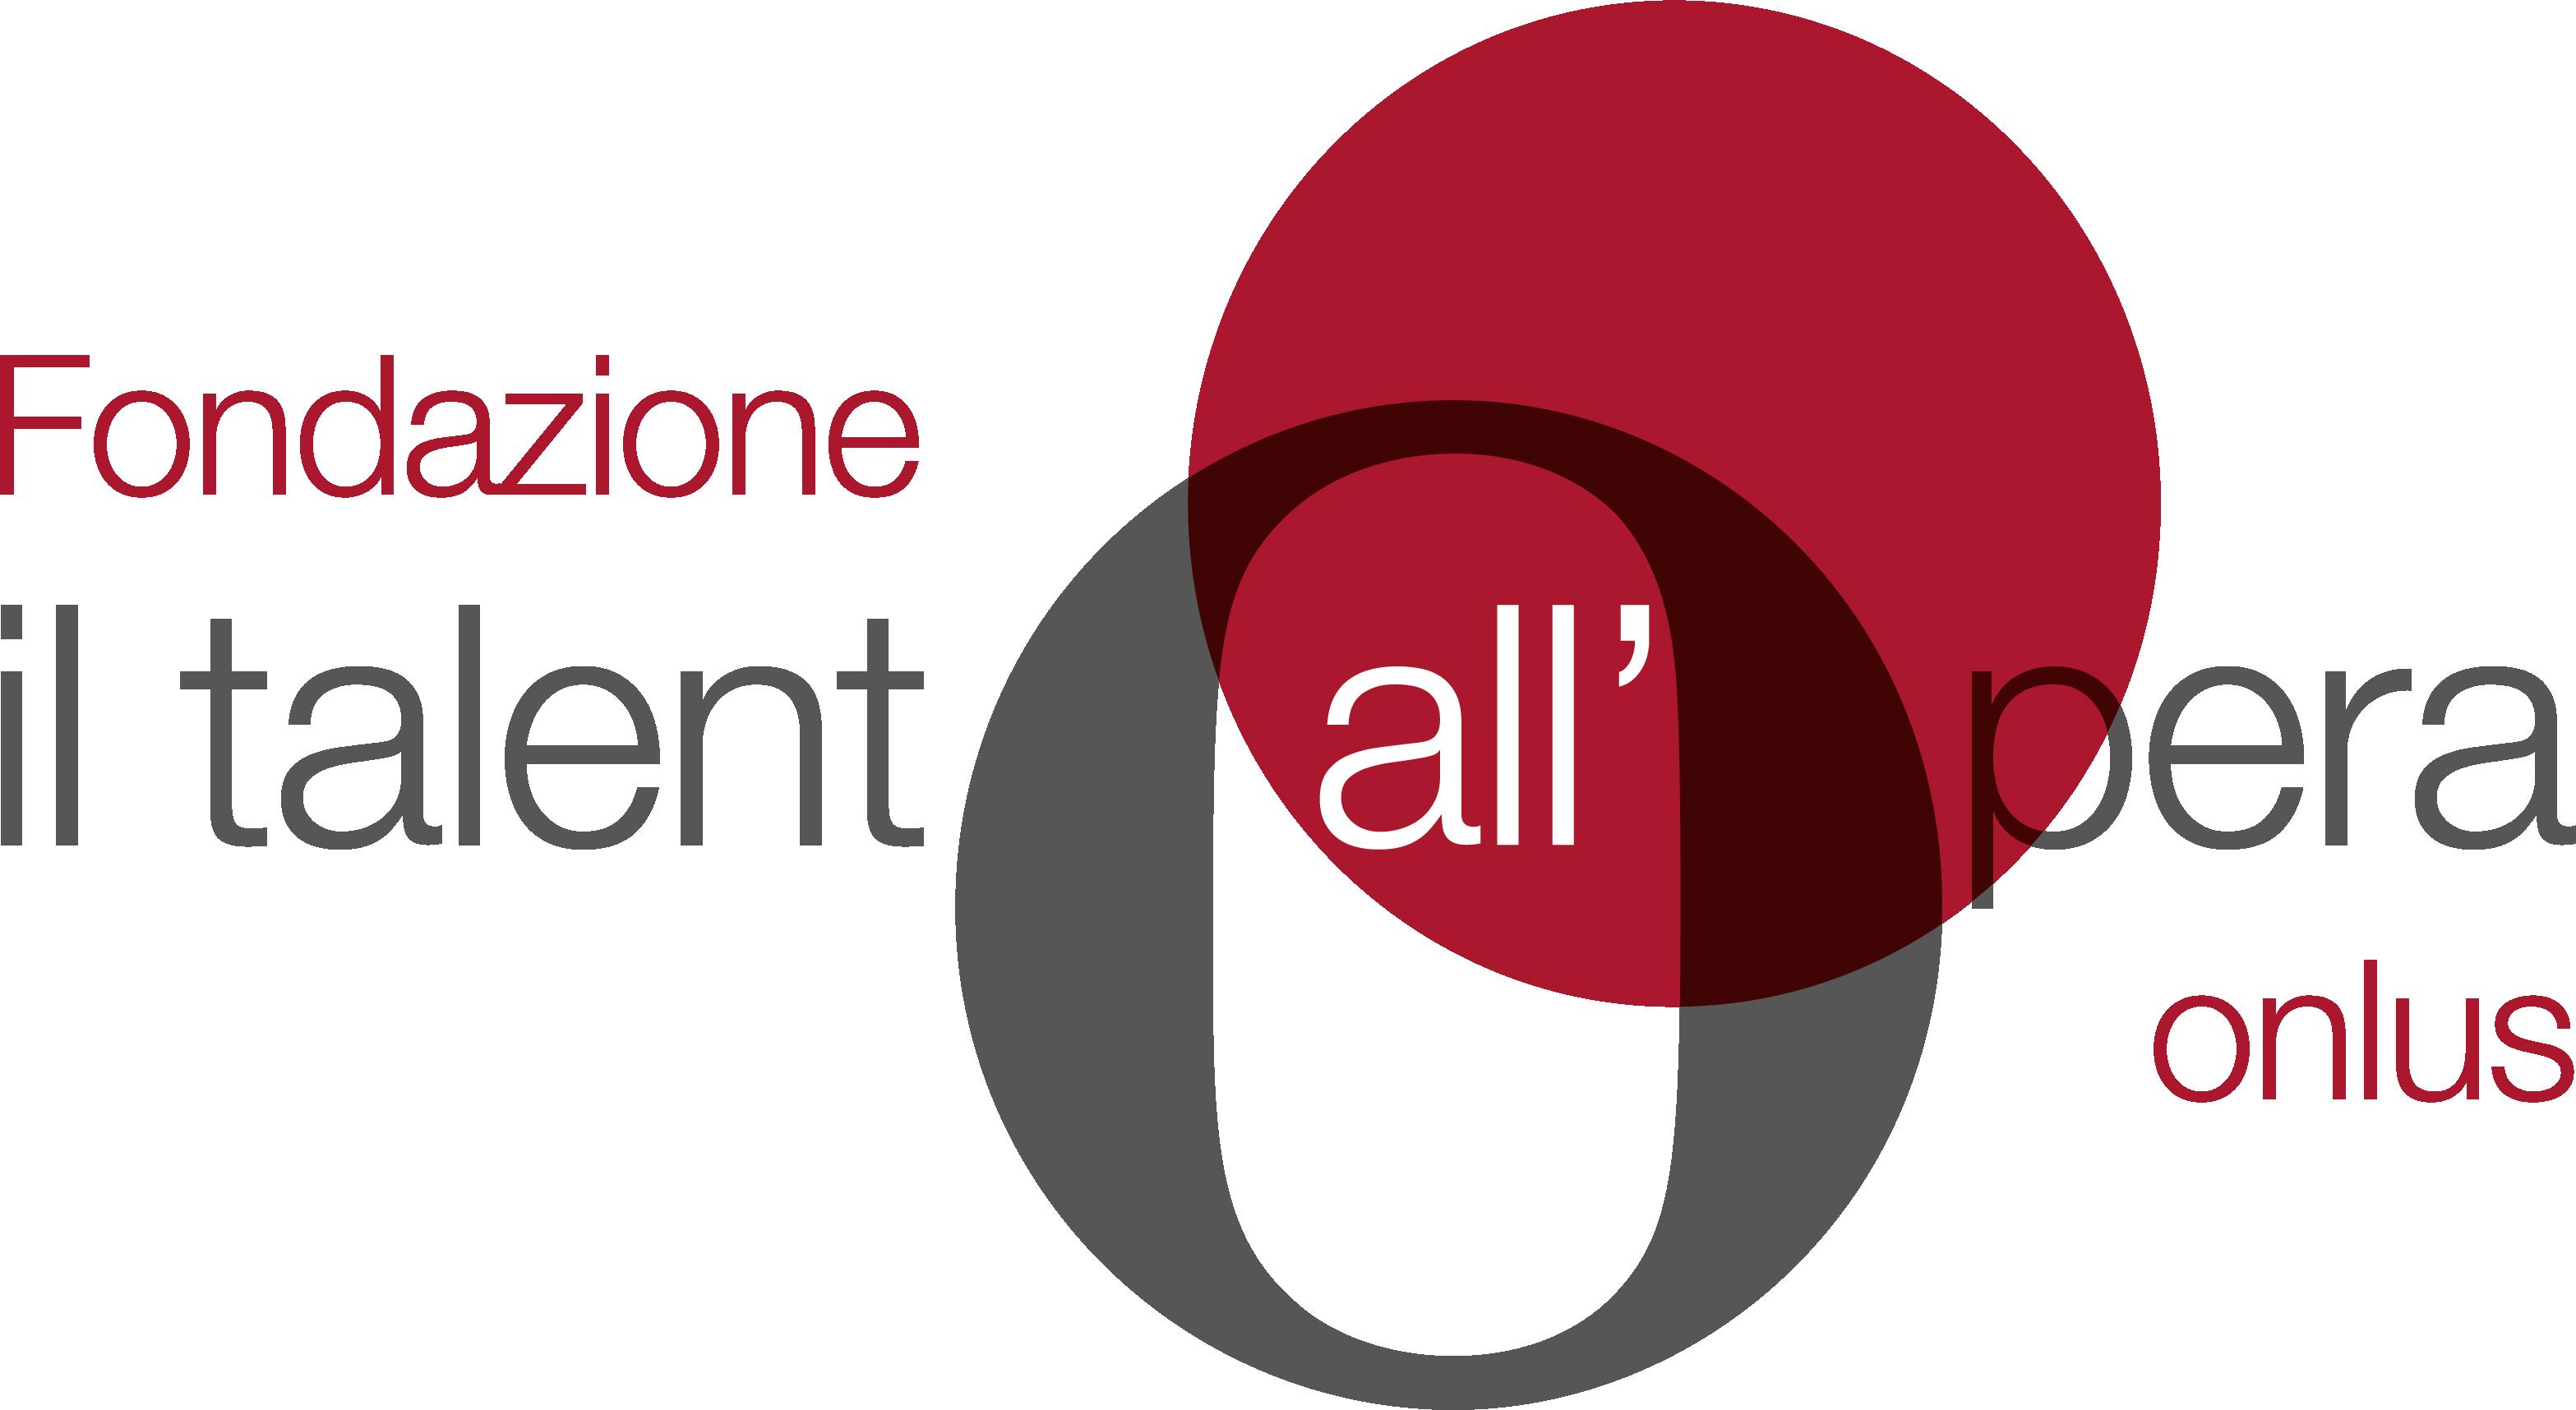 Fondazione il Talento all'Opera Onlus